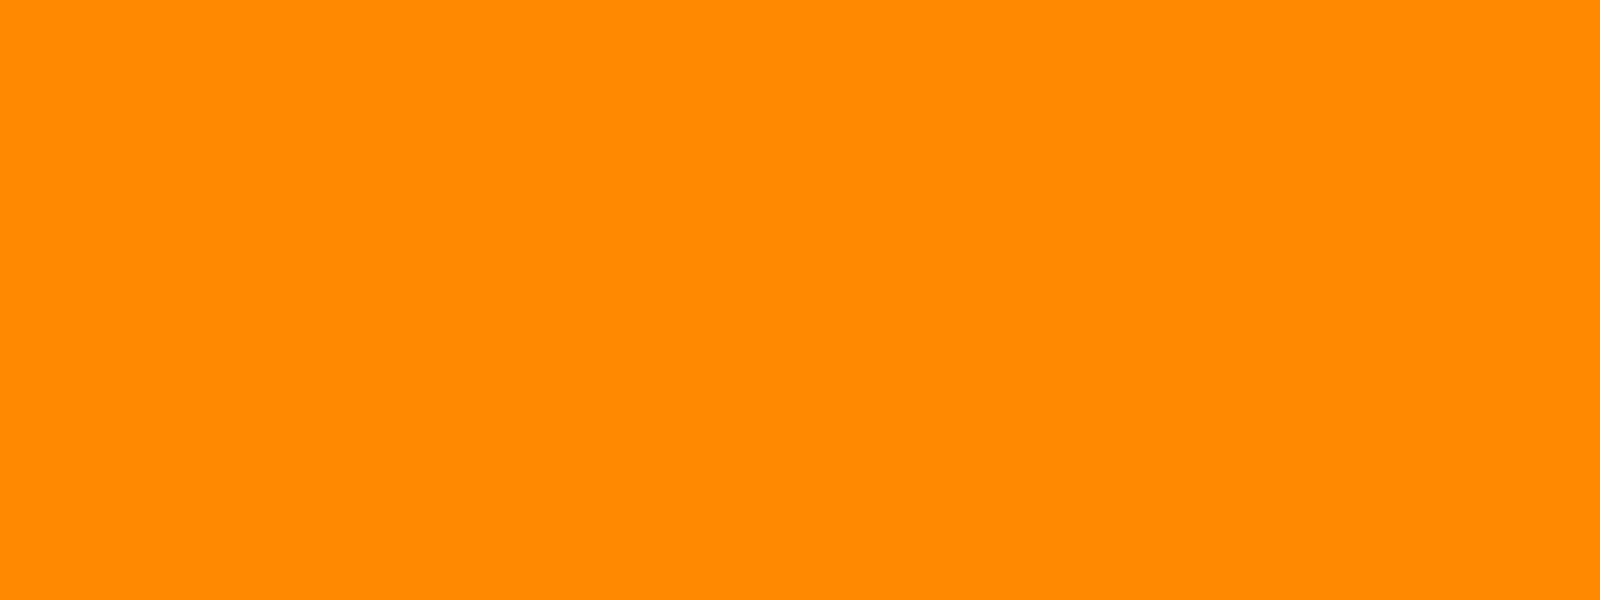 slider-bg-orange